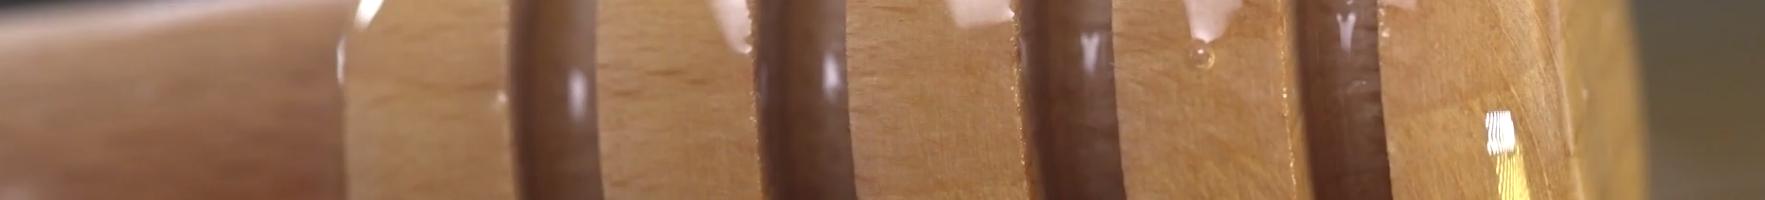 La bataille du miel